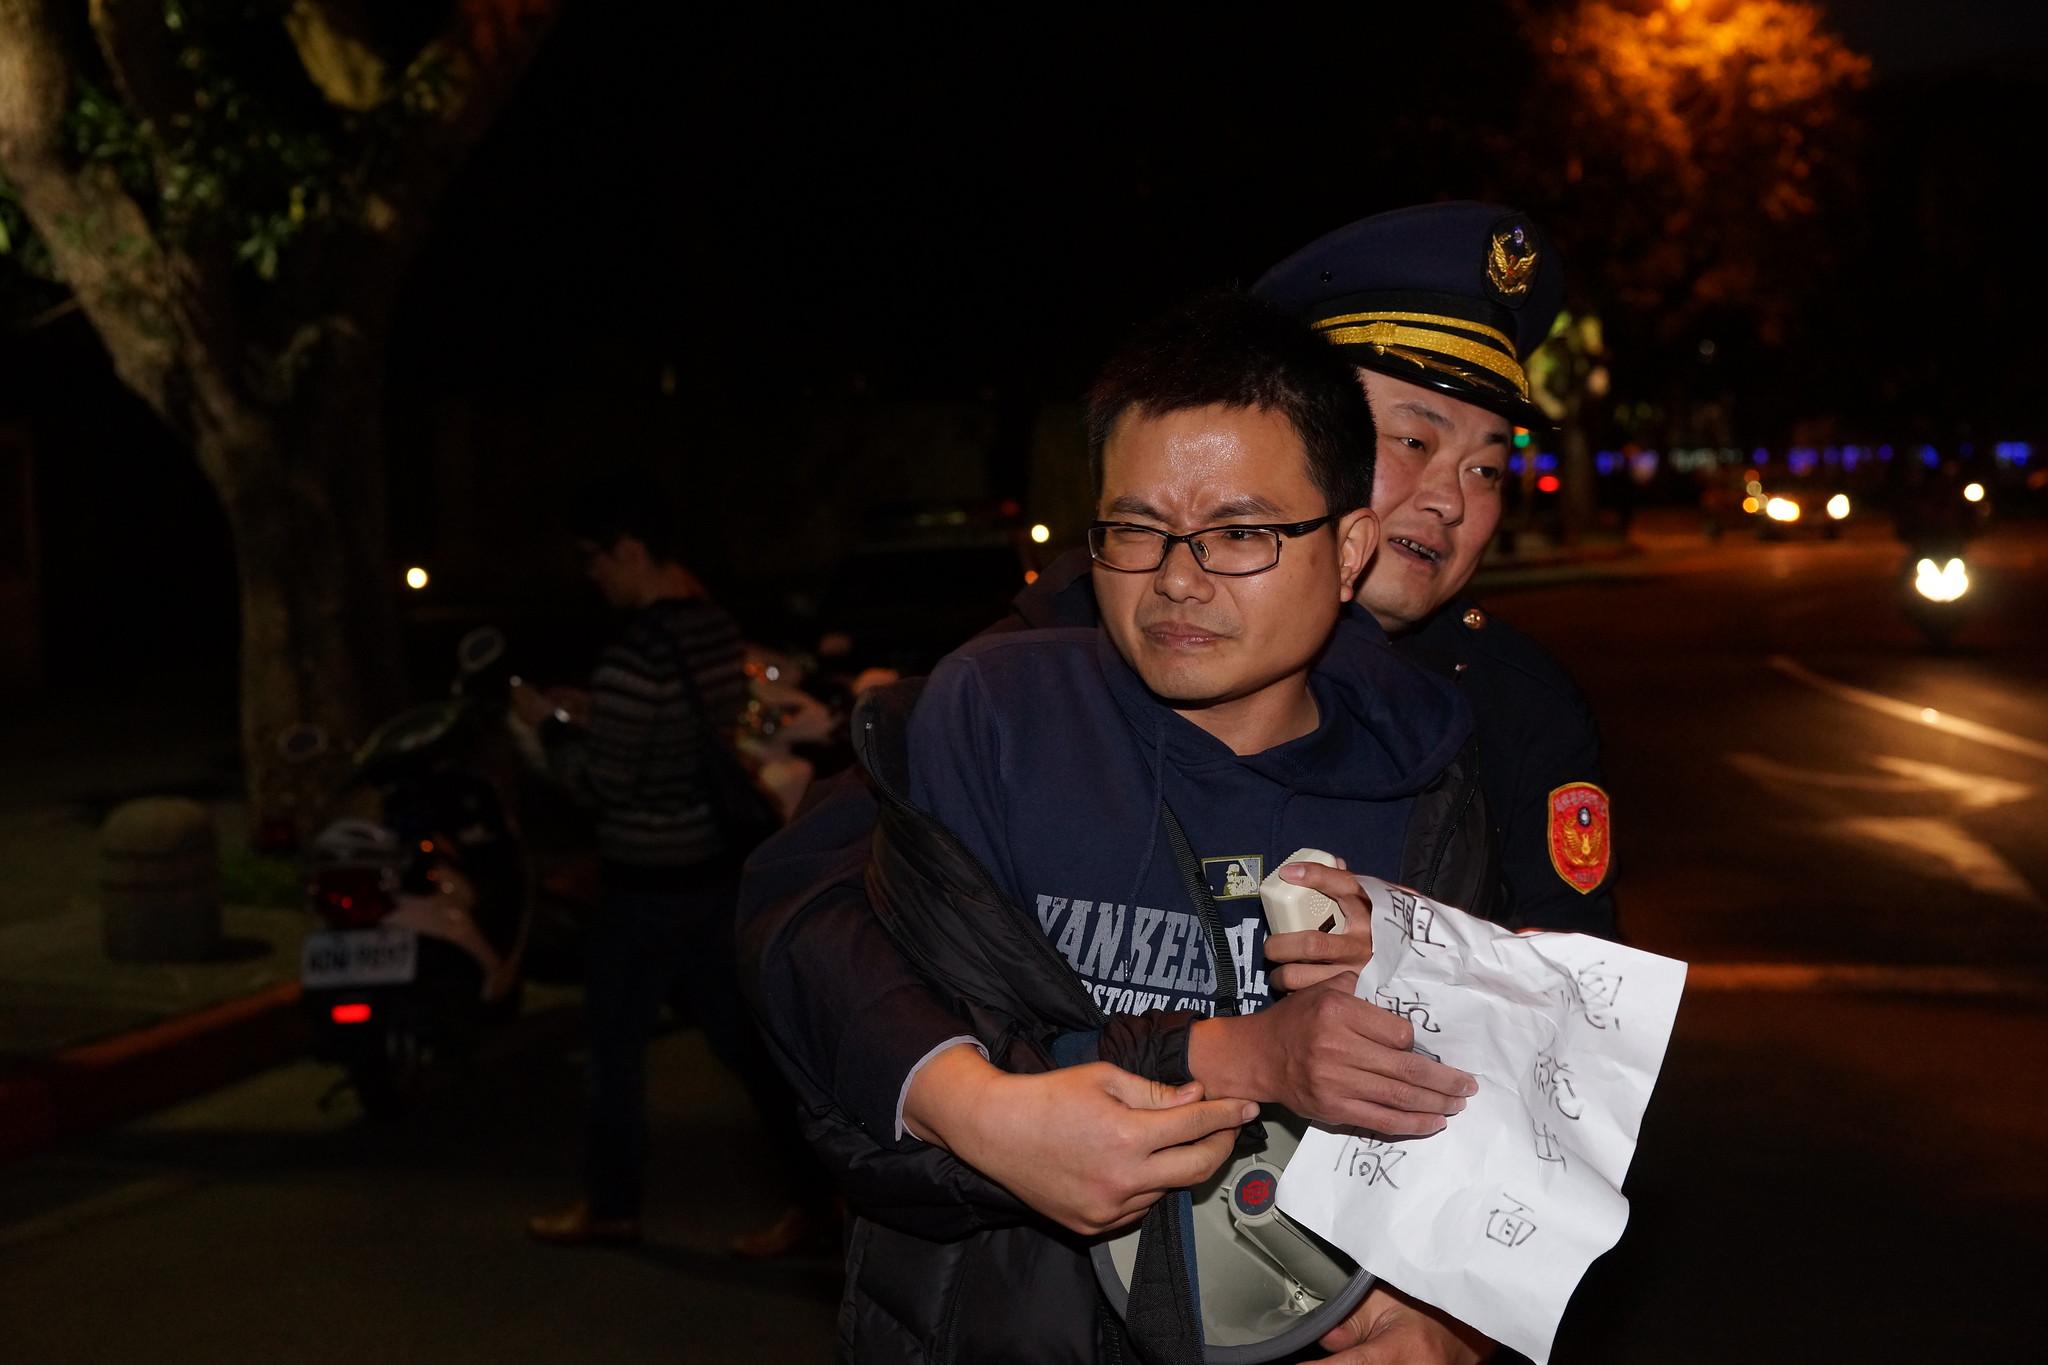 興航工會理事吳崇華遭警方環抱拉出現場。(攝影:王顥中)